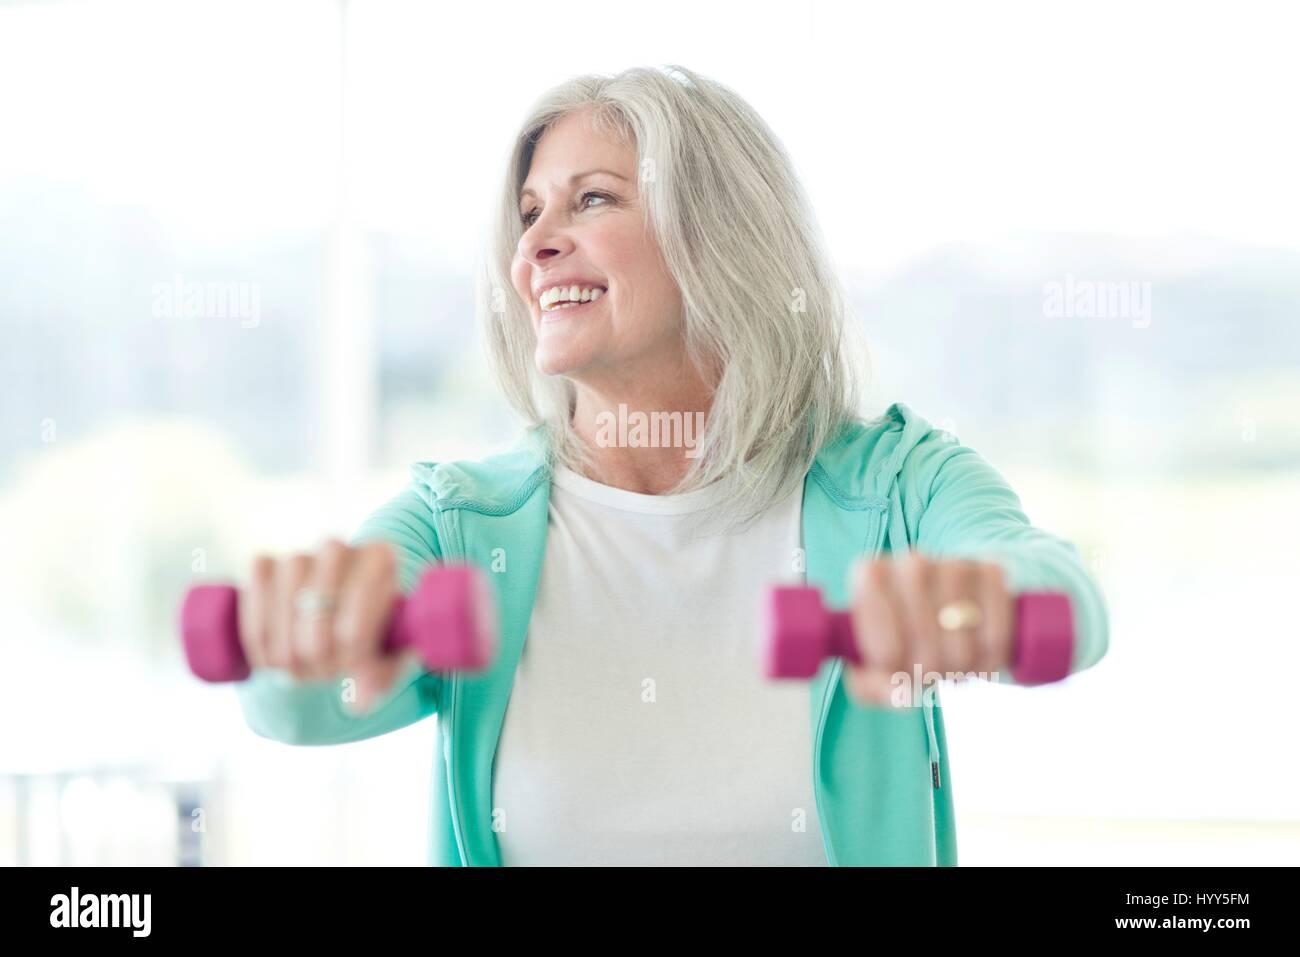 Senior donna utilizzando i pesi a mano. Immagini Stock